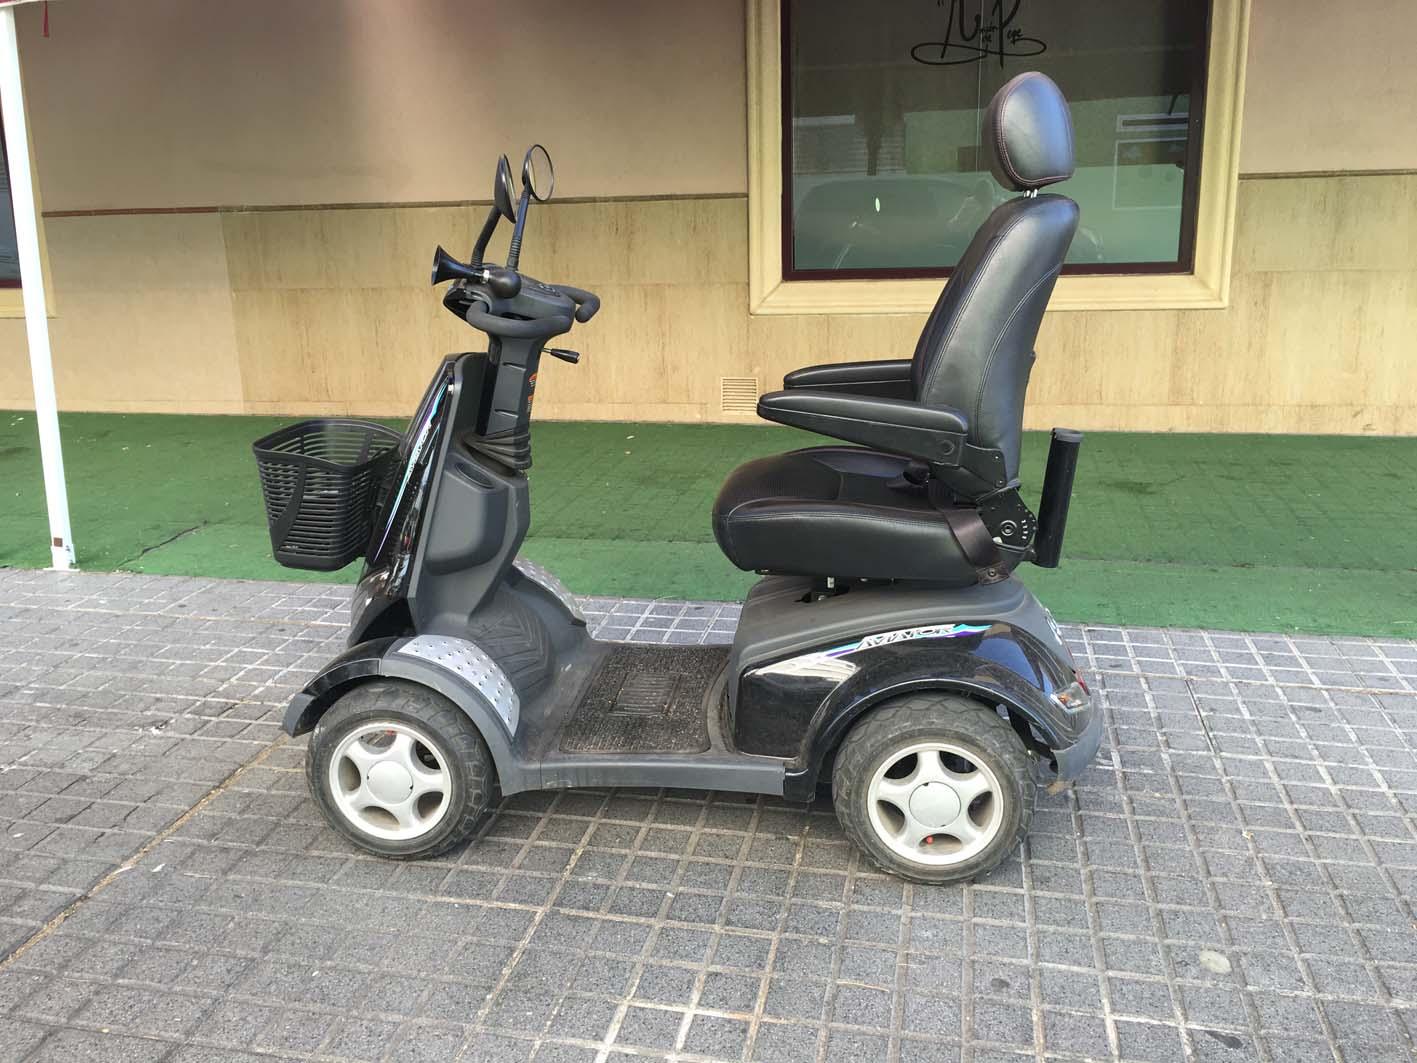 Scooter segunda mano apex aviator s8 scooters el ctricos y sillas de ruedas - Silla de ruedas electrica de segunda mano ...